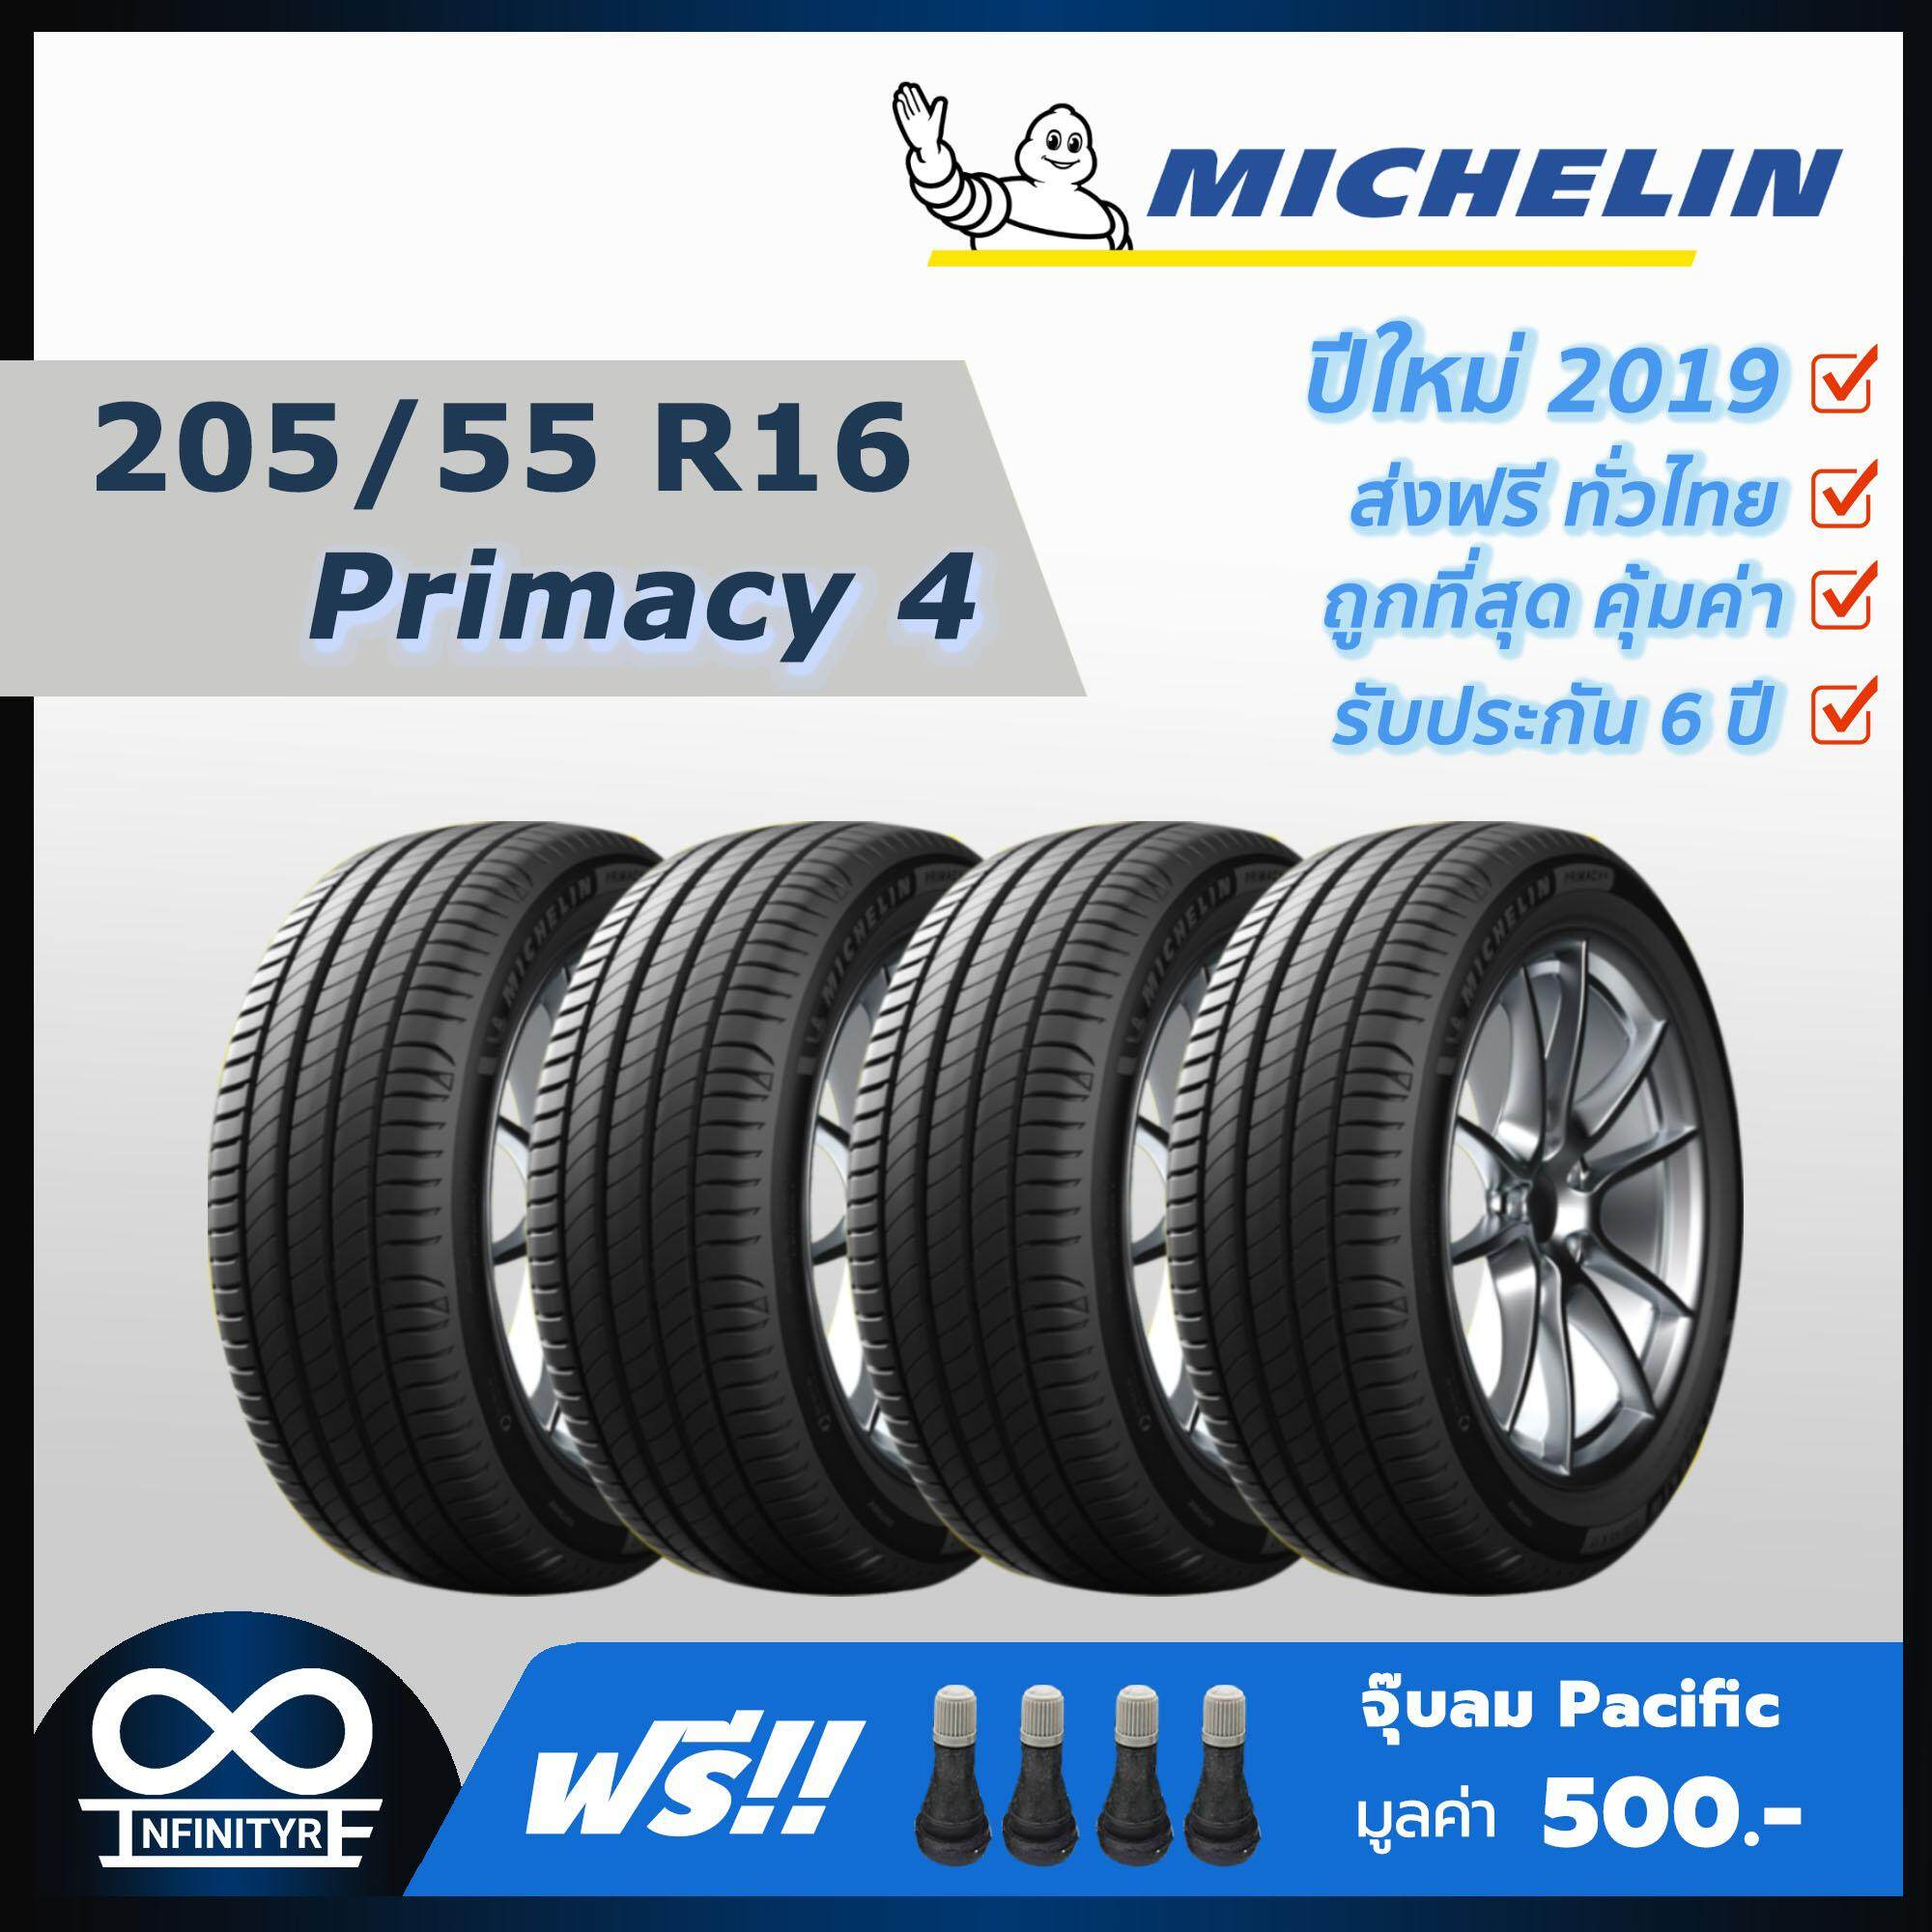 ประกันภัย รถยนต์ ชั้น 3 ราคา ถูก เพชรบูรณ์ 205/55R16 Michelin มิชลิน รุ่น Primacy 4 (ปี2019) 4เส้น ฟรี! จุ๊บลมPacific เกรดพรีเมี่ยม